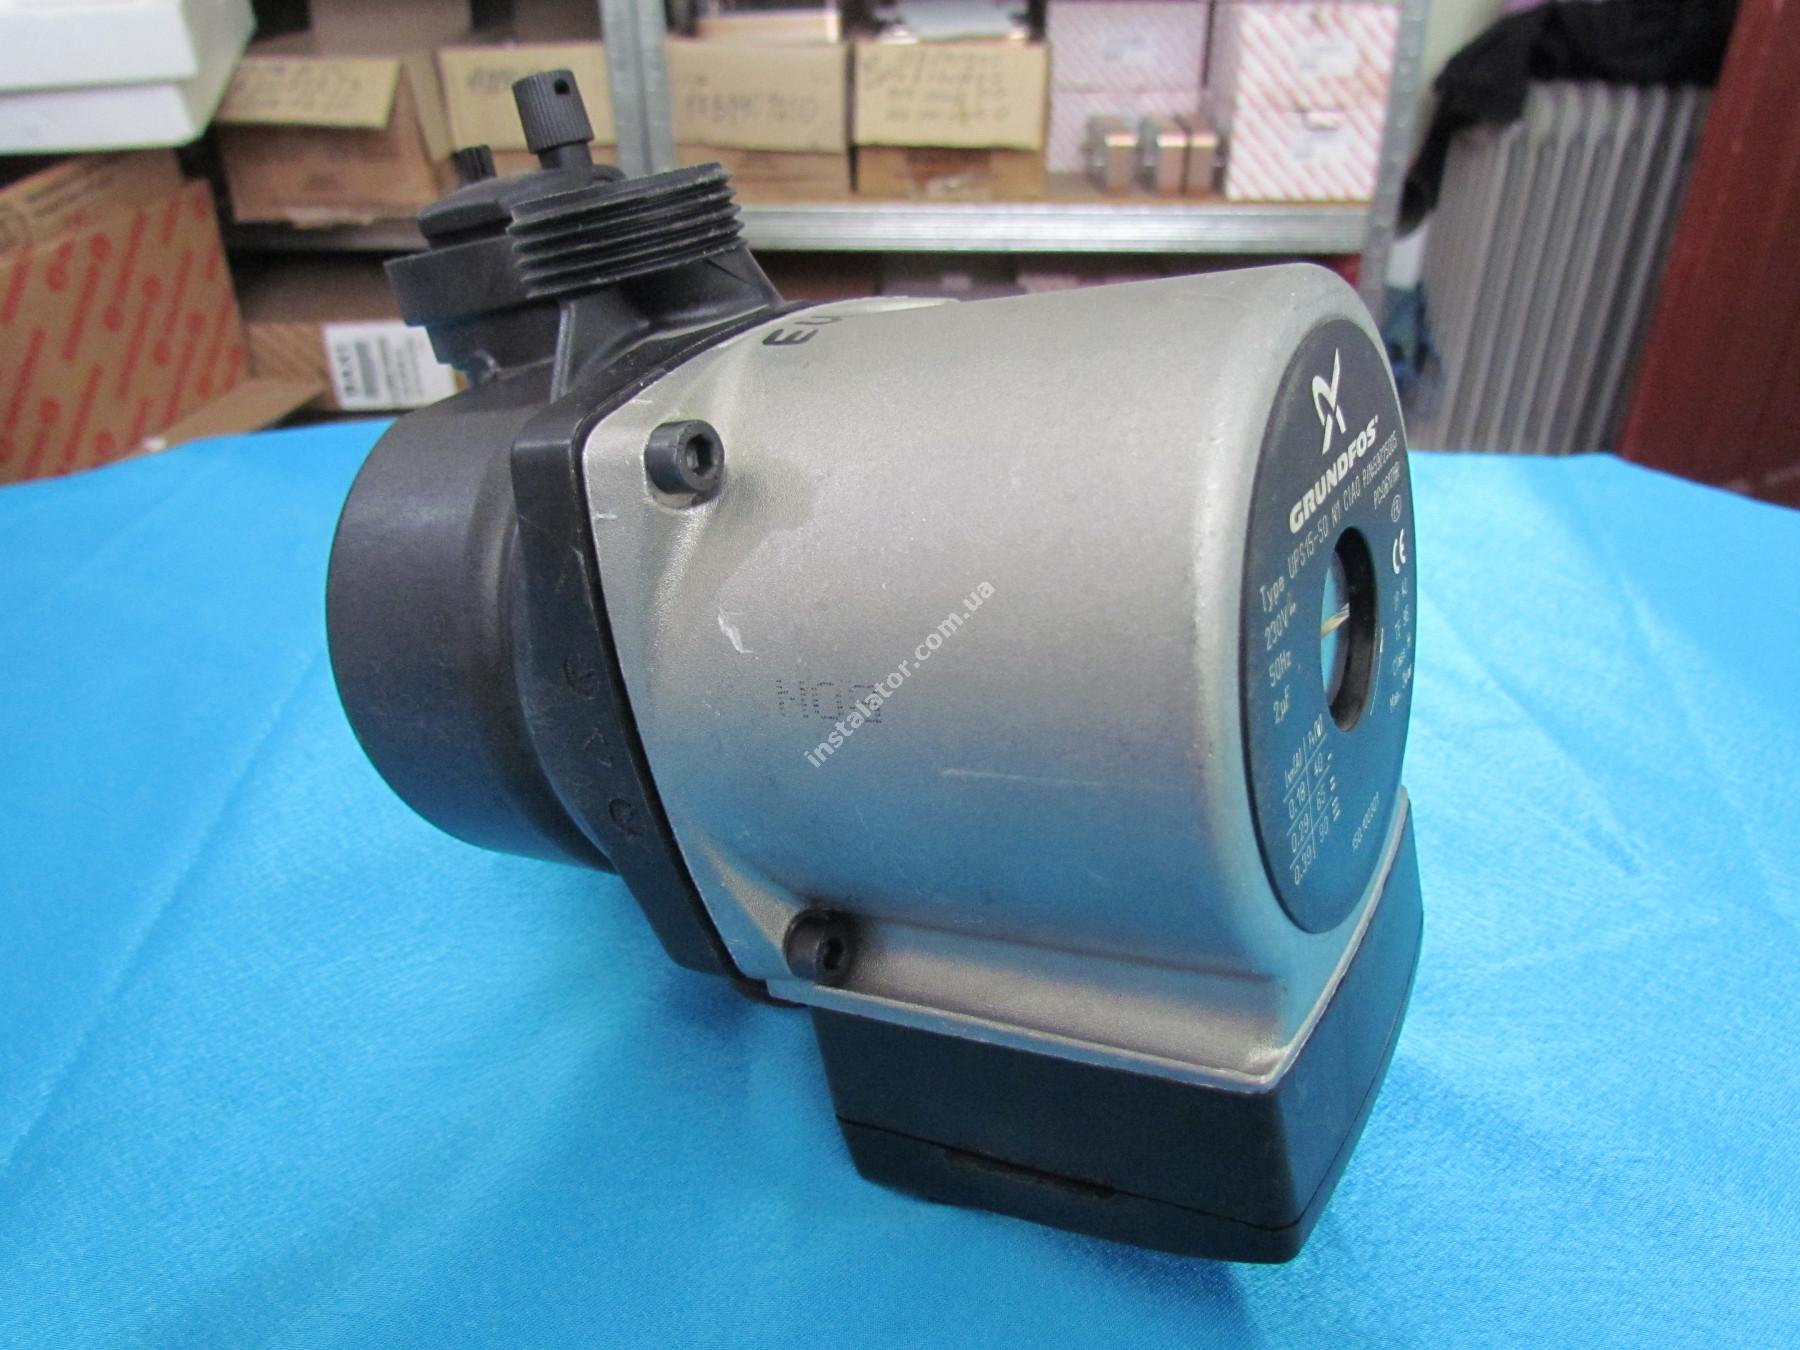 59945536 Циркуляційний насос з розповітрювачем Grundfos 15-50 full-image-3